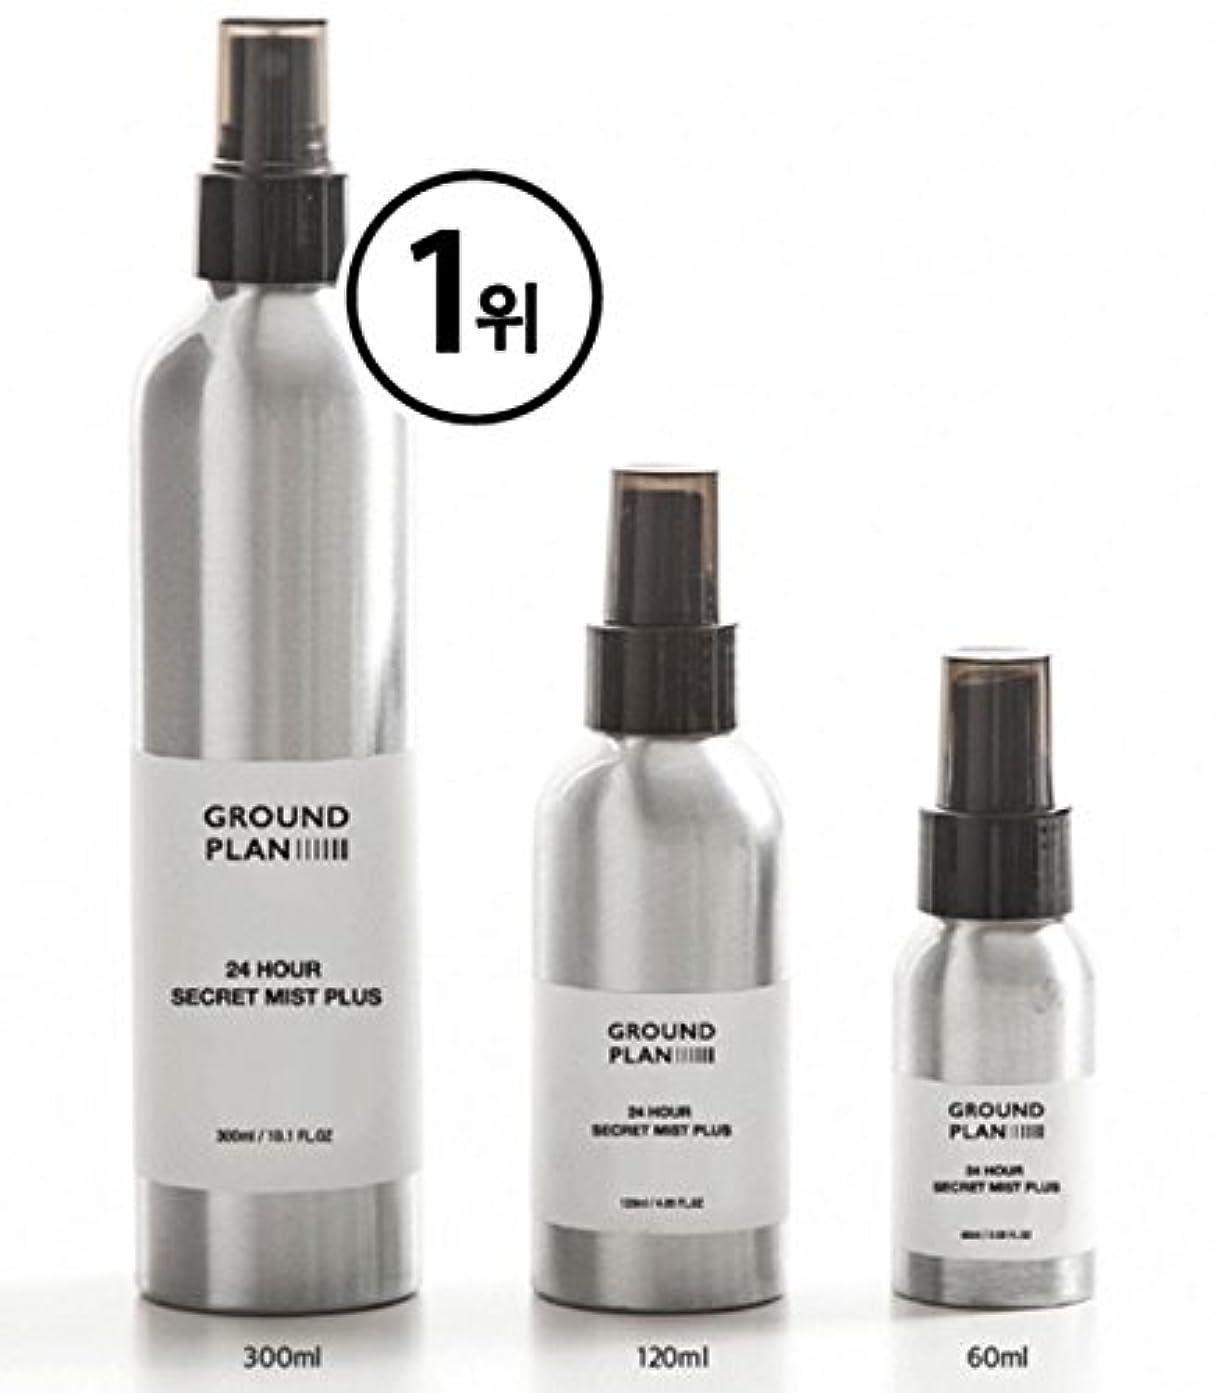 不実道徳の内陸[グラウンド?プラン] 24Hour 秘密 スキンミスト Plus (120ml) (300ml) Ground plan 24 Hour Secret Skin Mist Plus [海外直送品] (120ml)